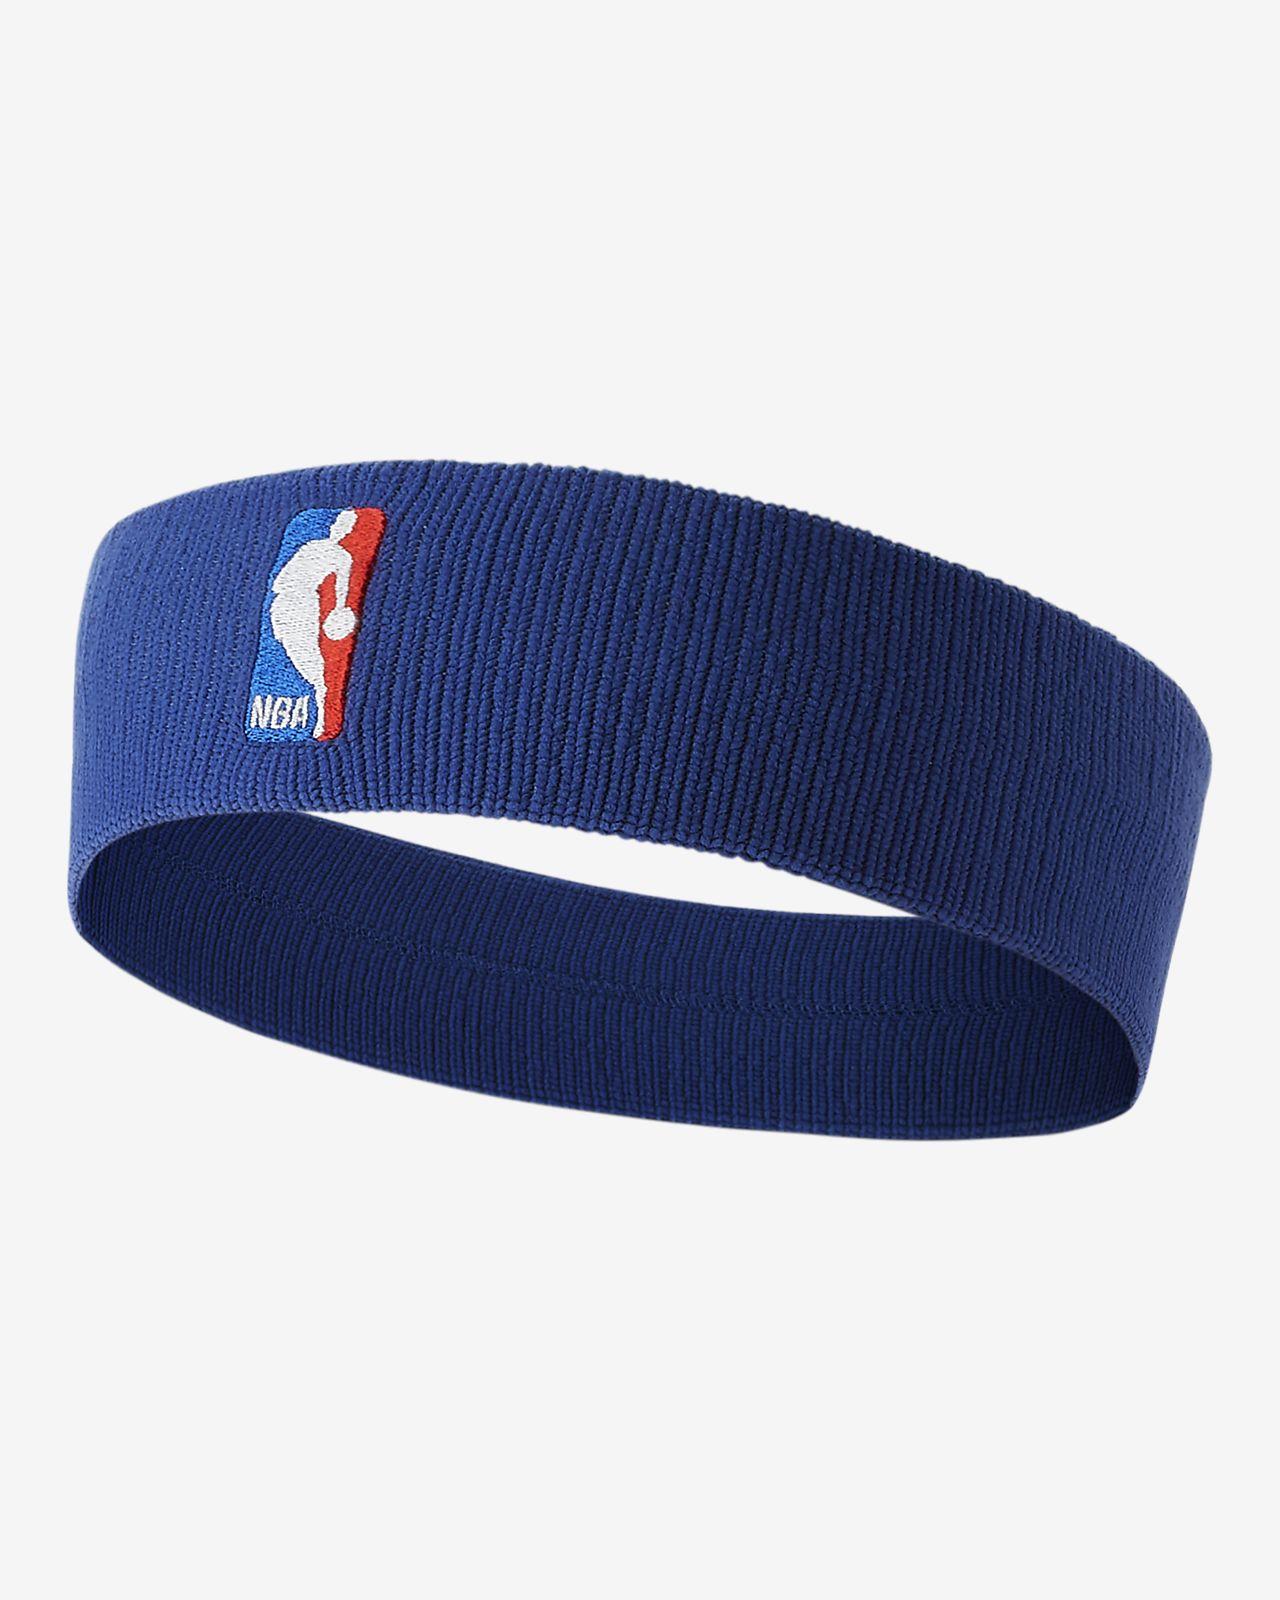 Nike NBA Elite 篮球头带(1 条)